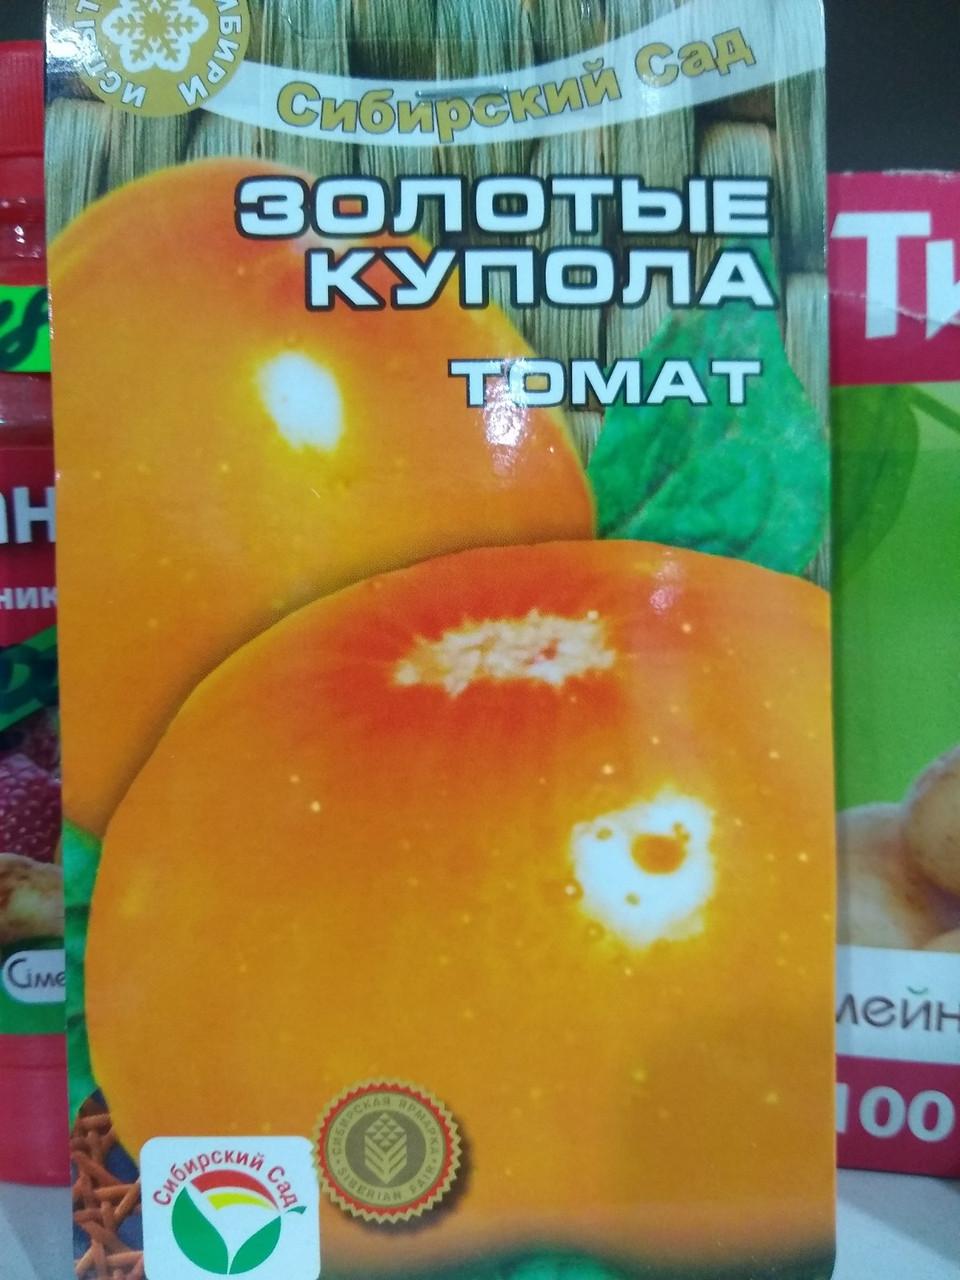 """Томат середньостиглий """"Золоті куполи"""", 20 насінин, """"Сибірський сад"""""""